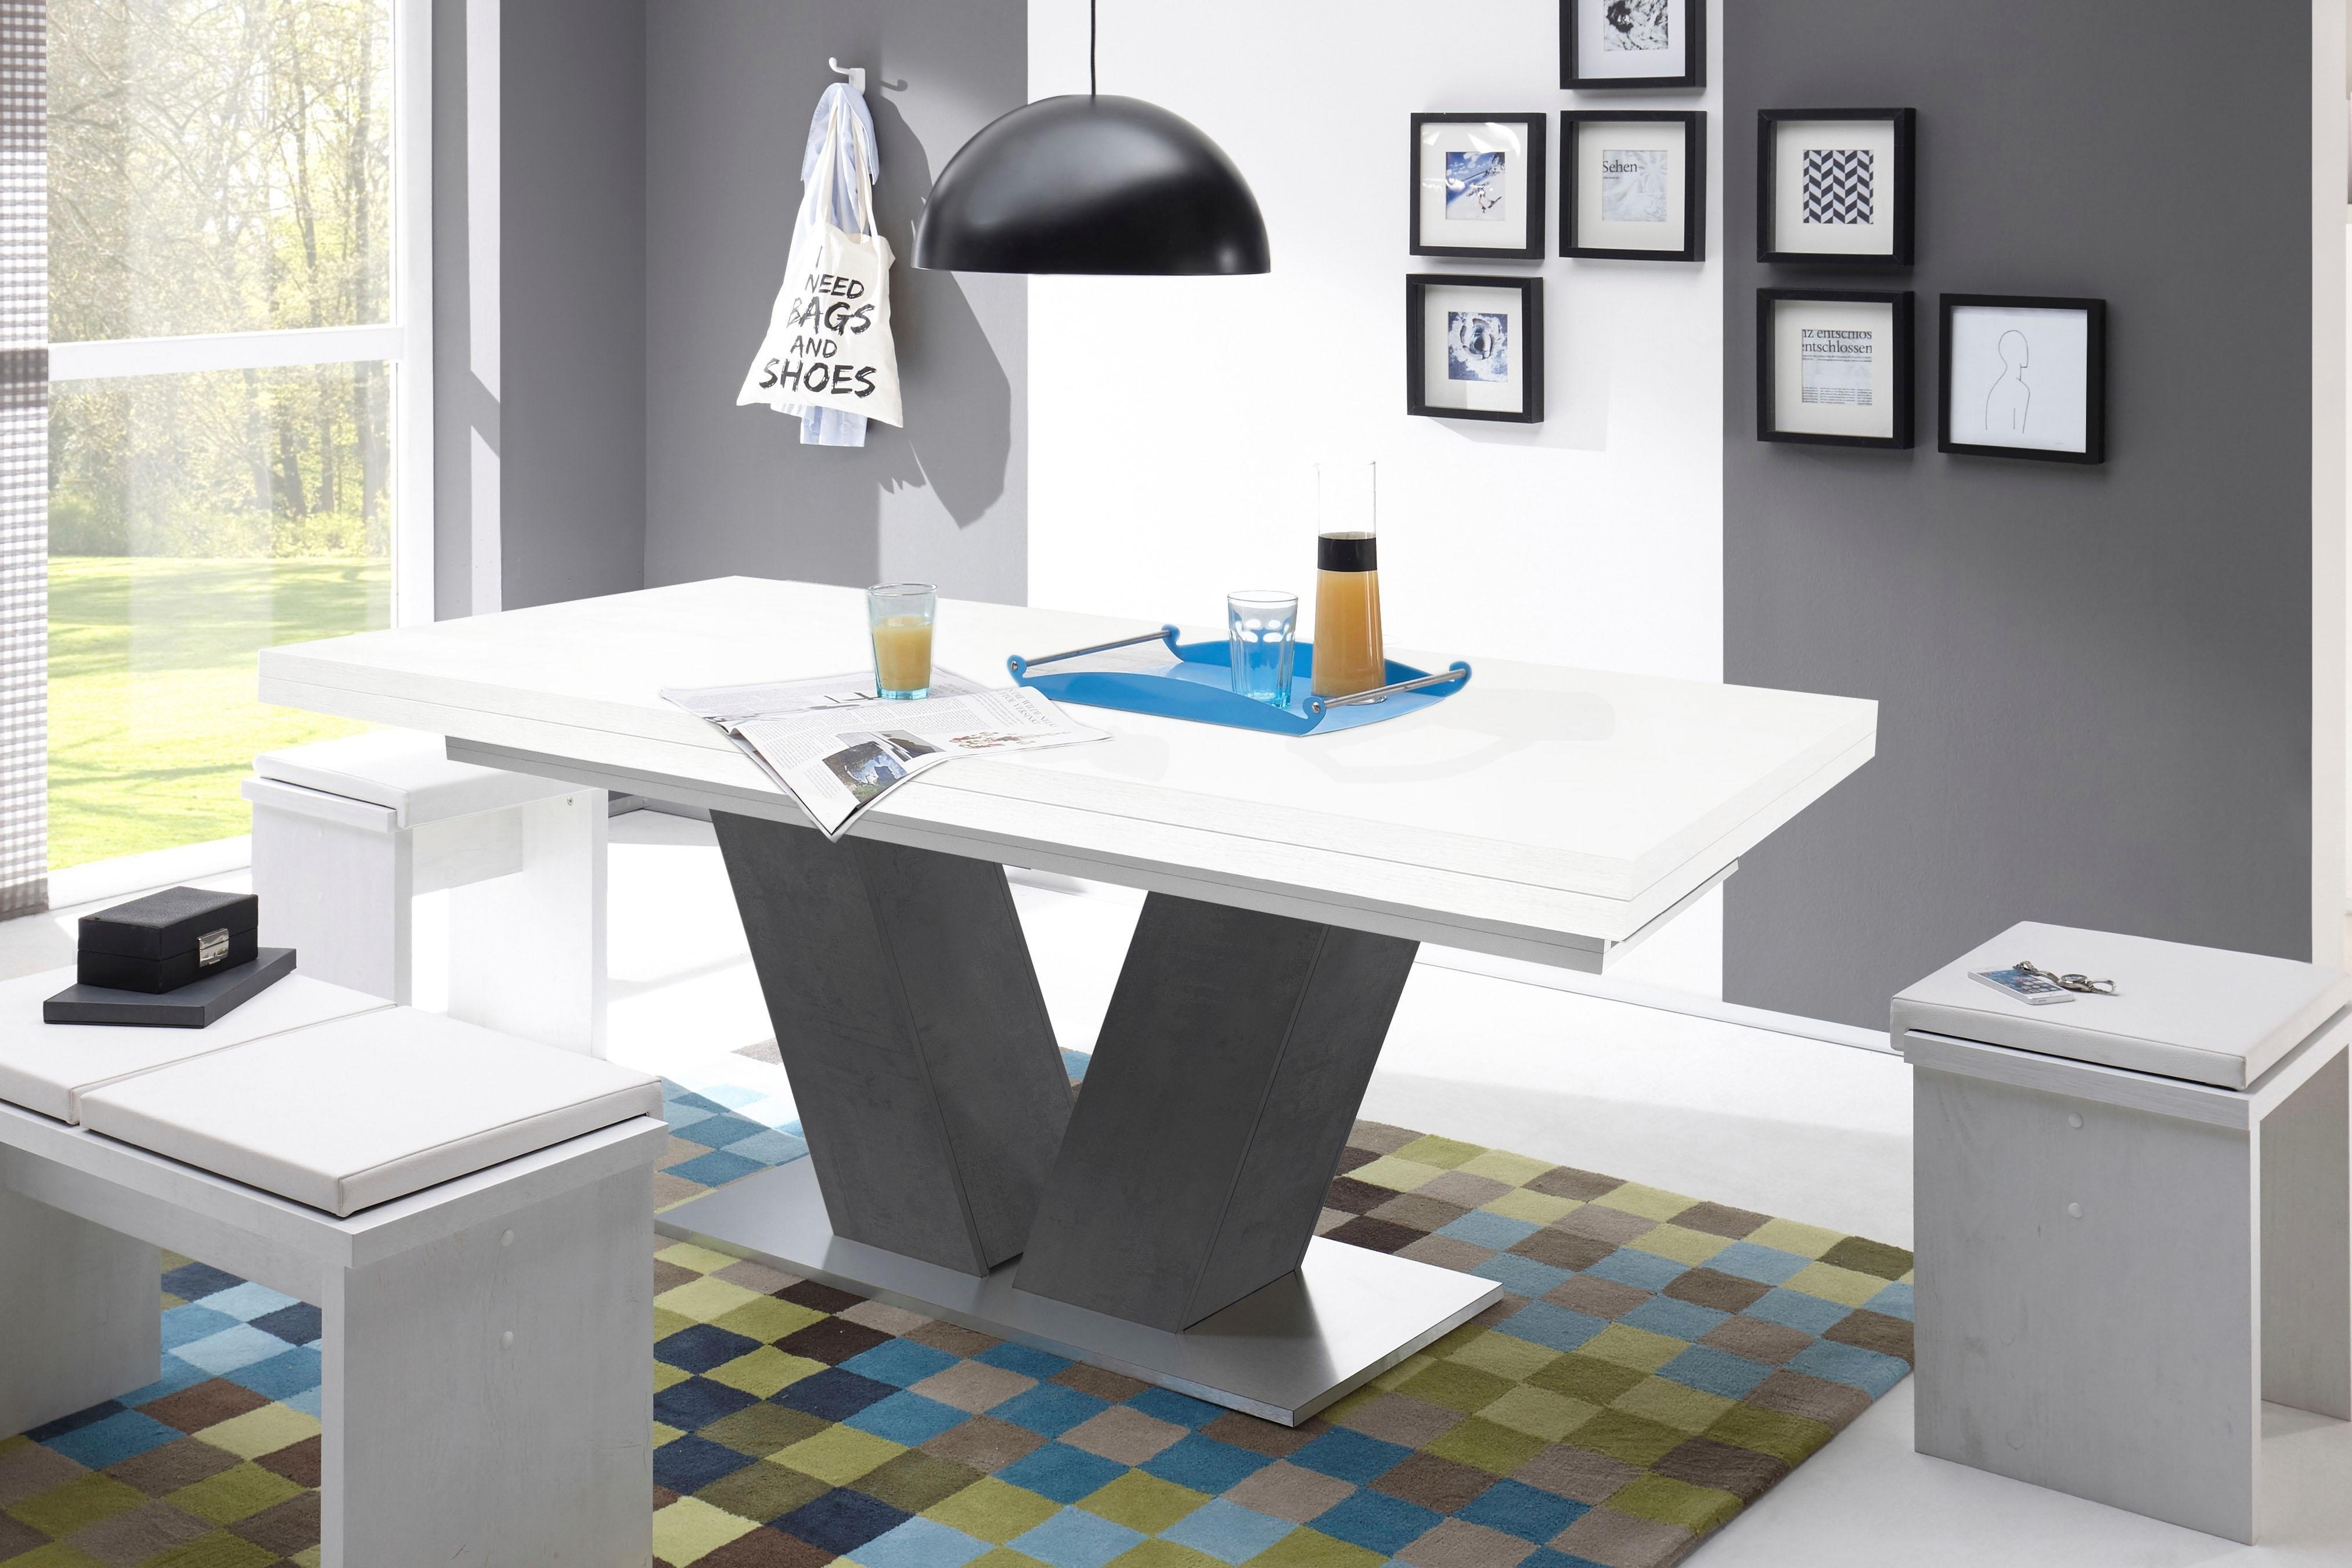 Mäusbacher Eettafel Comfort D met v-frame in grafiet en met uittrekfunctie, breedte 160-260 cm bij OTTO online kopen